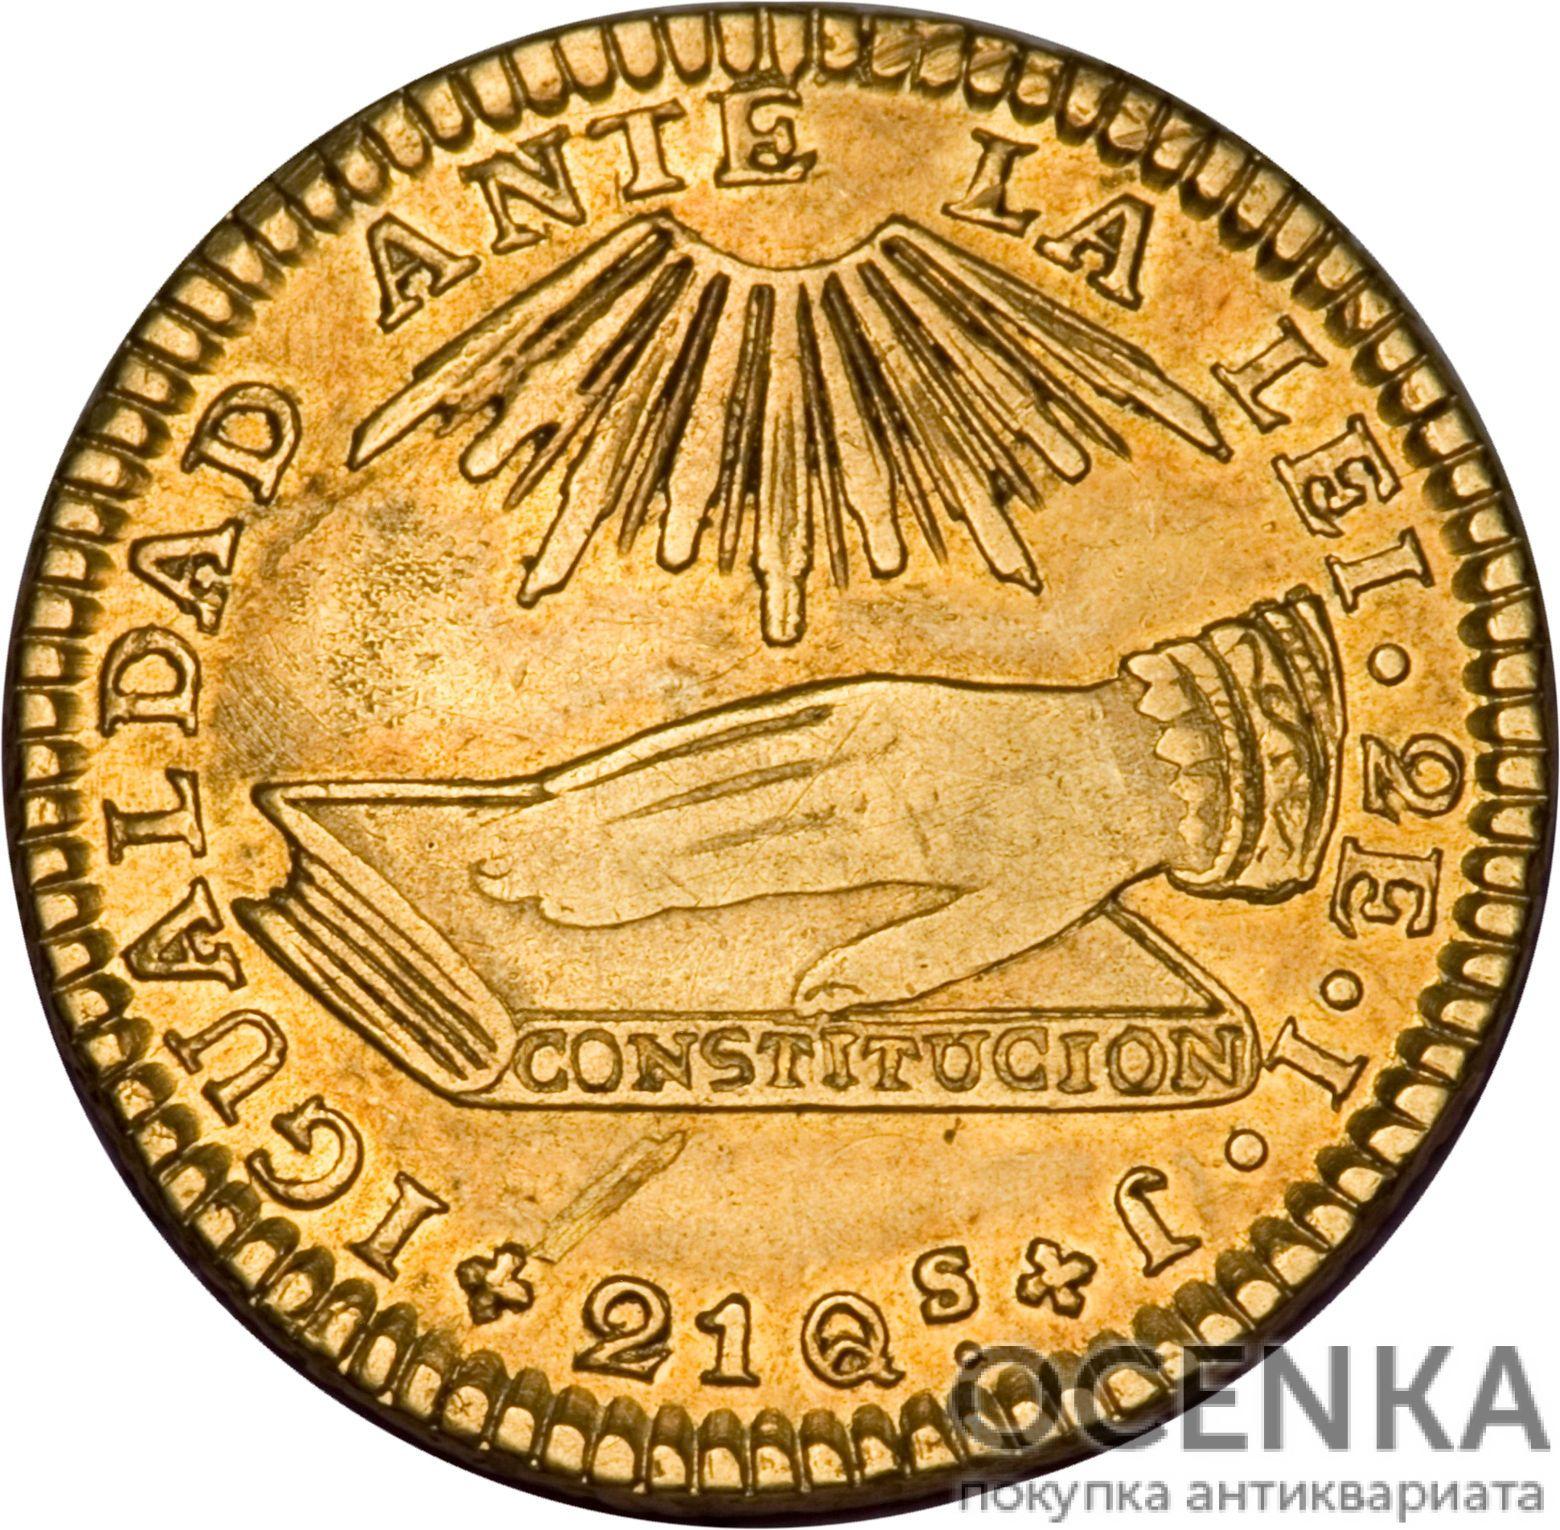 Золотая монета 2 Эскудо (2 Escudos) Чили - 4